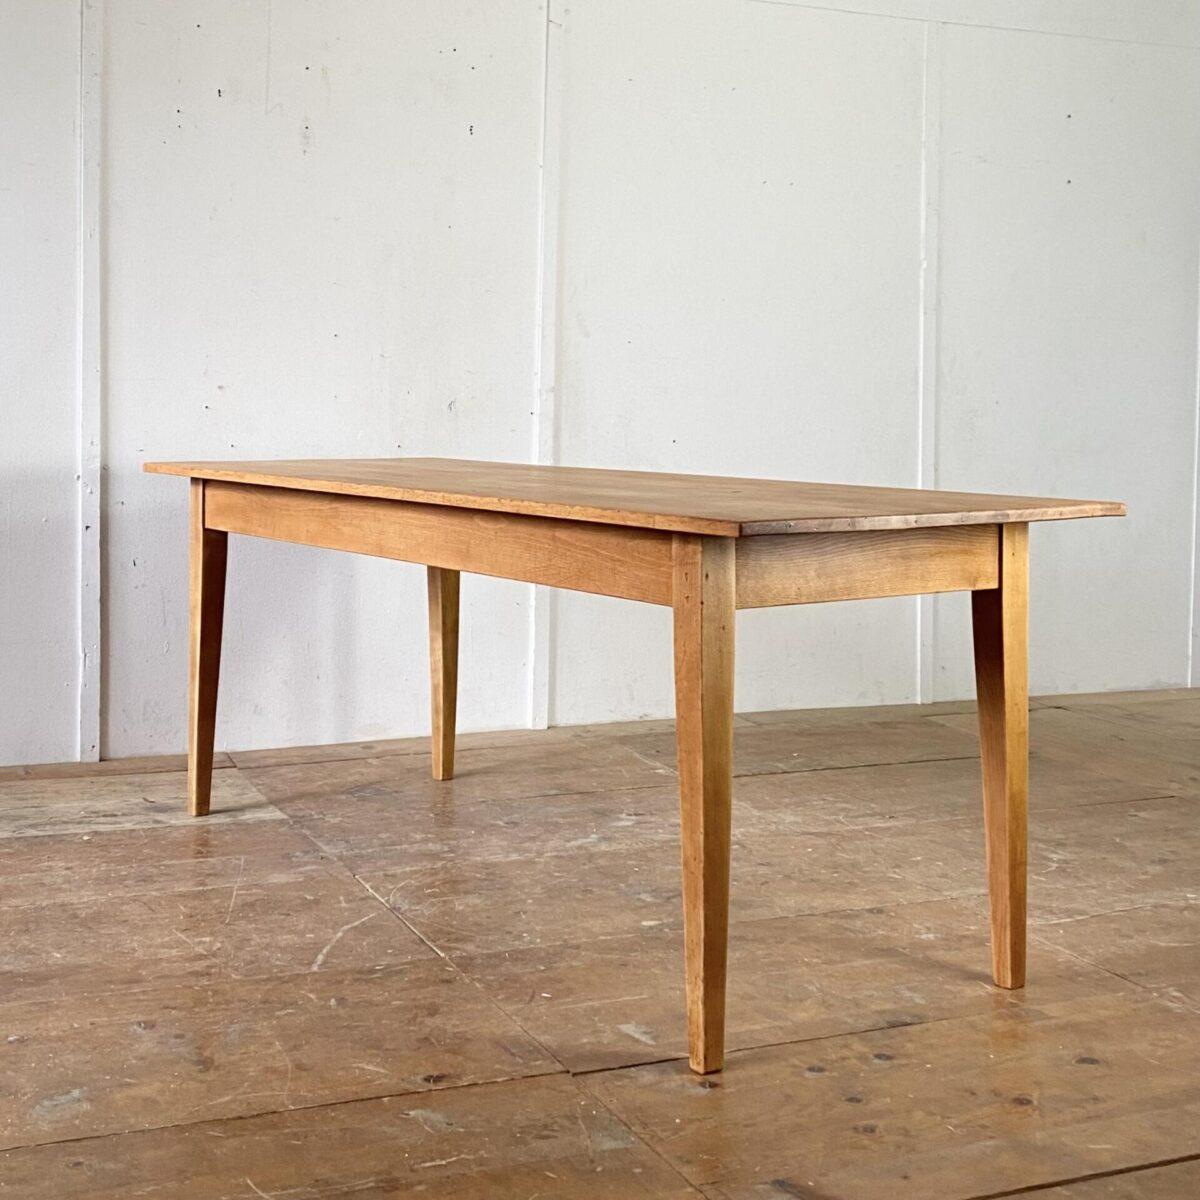 Deuxieme.shop alter Holztisch. Biedermeiertisch aus Buchenholz. 200x79cm Höhe 77cm. Der Tisch hat diverse Altersspuren wie Kratzer und Schrammen, in einer stirnseitigen Zarge ist ein Loch. Ansonsten in stabilem Zustand, die Holzoberflächen sind mit Naturöl behandelt. Es finden bis zu 8 Personen daran Platz. Das Loch in der Zarge kann nach Wunsch mit einem Holz Flickzapfen gefüllt werden.